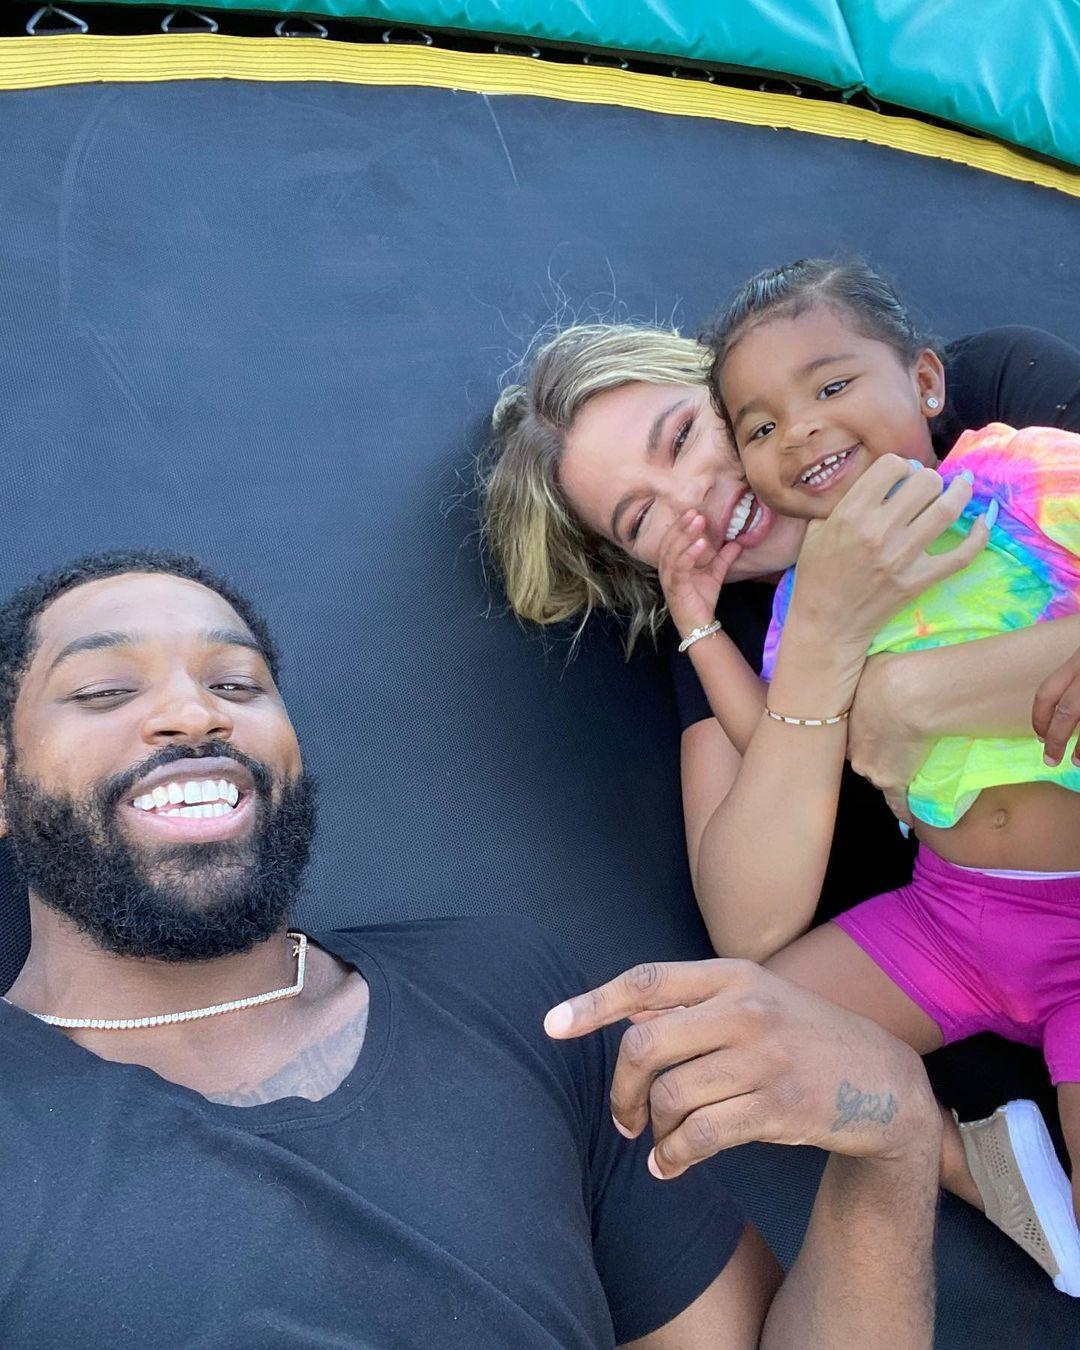 تريستان سعيد مع كلوي وابنتهما ترو..ومازال يضع صور كلوي بحسابه في أنستغرام-الصورة من أنستغرام